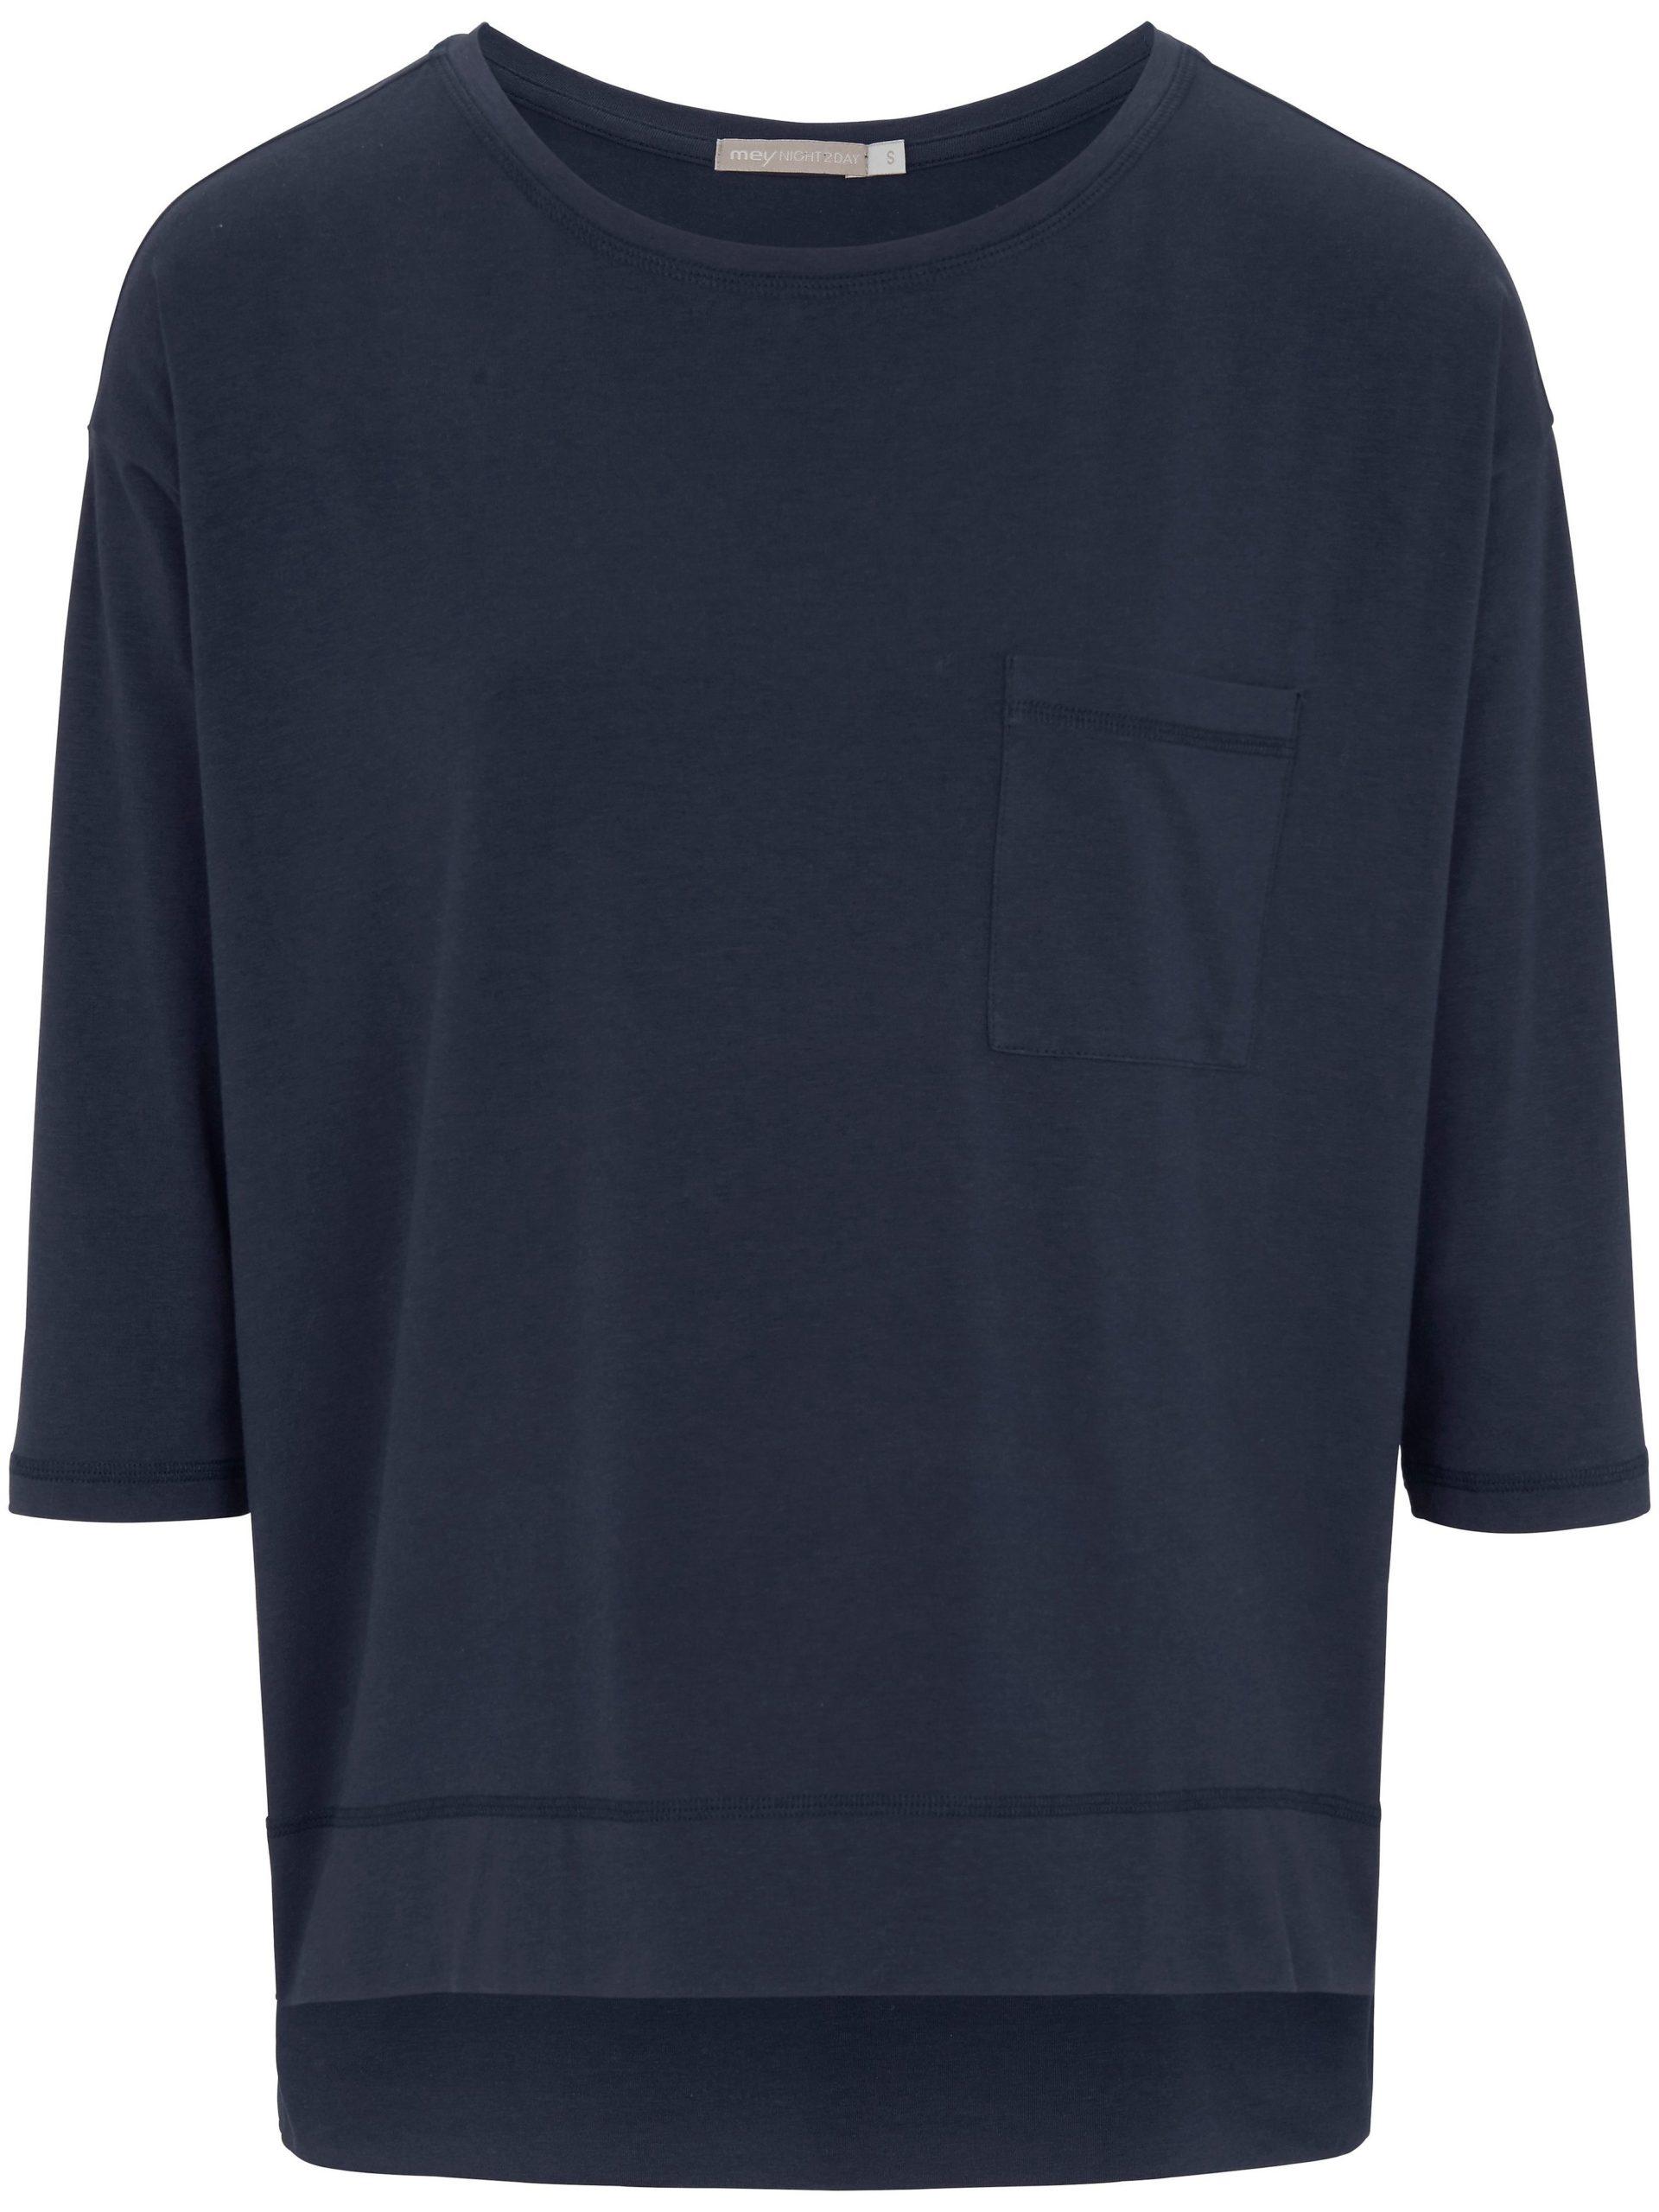 Shirt met ronde hals Van Mey blauw Kopen